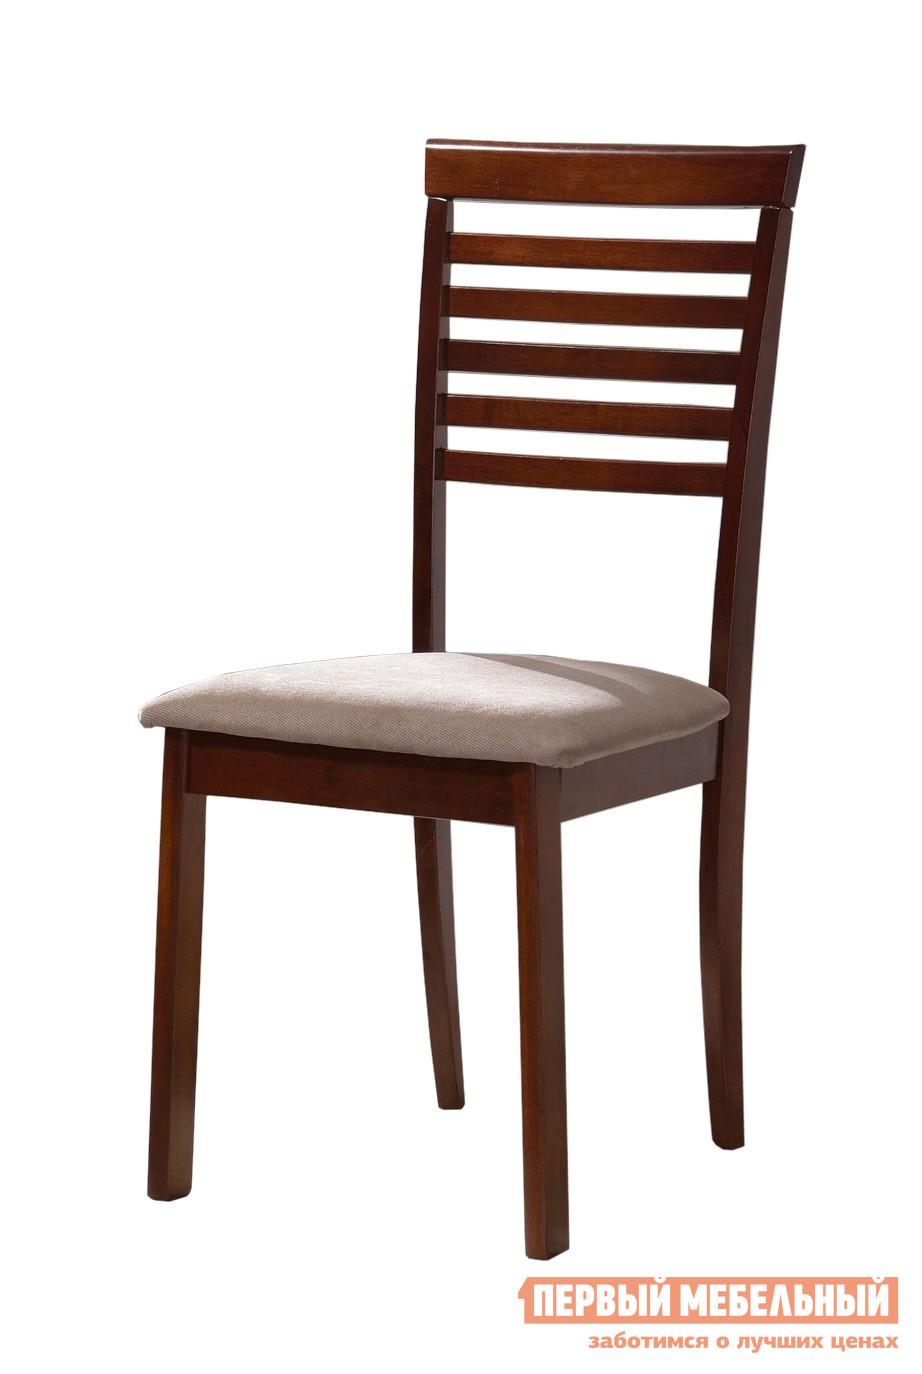 Стул Red and Black 800-sh CM-LBrown-1 ШоколадСтулья для кухни<br>Габаритные размеры ВхШхГ 940x440x450 мм. Классический стул с высокой спинкой и мягким сидением добавит уюта в комнате и позволит создать комфортную обеденную зону. Высота от пола до сидения — 420 мм. Обратите внимание! Стулья поставляются только по 2 штуки.  Цена указана за один стул. Каркас стула изготавливается из массива гевеи, обивка сидения — ткань.<br><br>Цвет: Шоколад<br>Цвет: Коричневое дерево<br>Высота мм: 940<br>Ширина мм: 440<br>Глубина мм: 450<br>Кол-во упаковок: 1<br>Форма поставки: В разобранном виде<br>Срок гарантии: 6 месяцев<br>Тип: в гостиную<br>Материал: Деревянные, Из натурального дерева<br>Порода дерева: из массива гевеи<br>Особенности: С мягким сиденьем